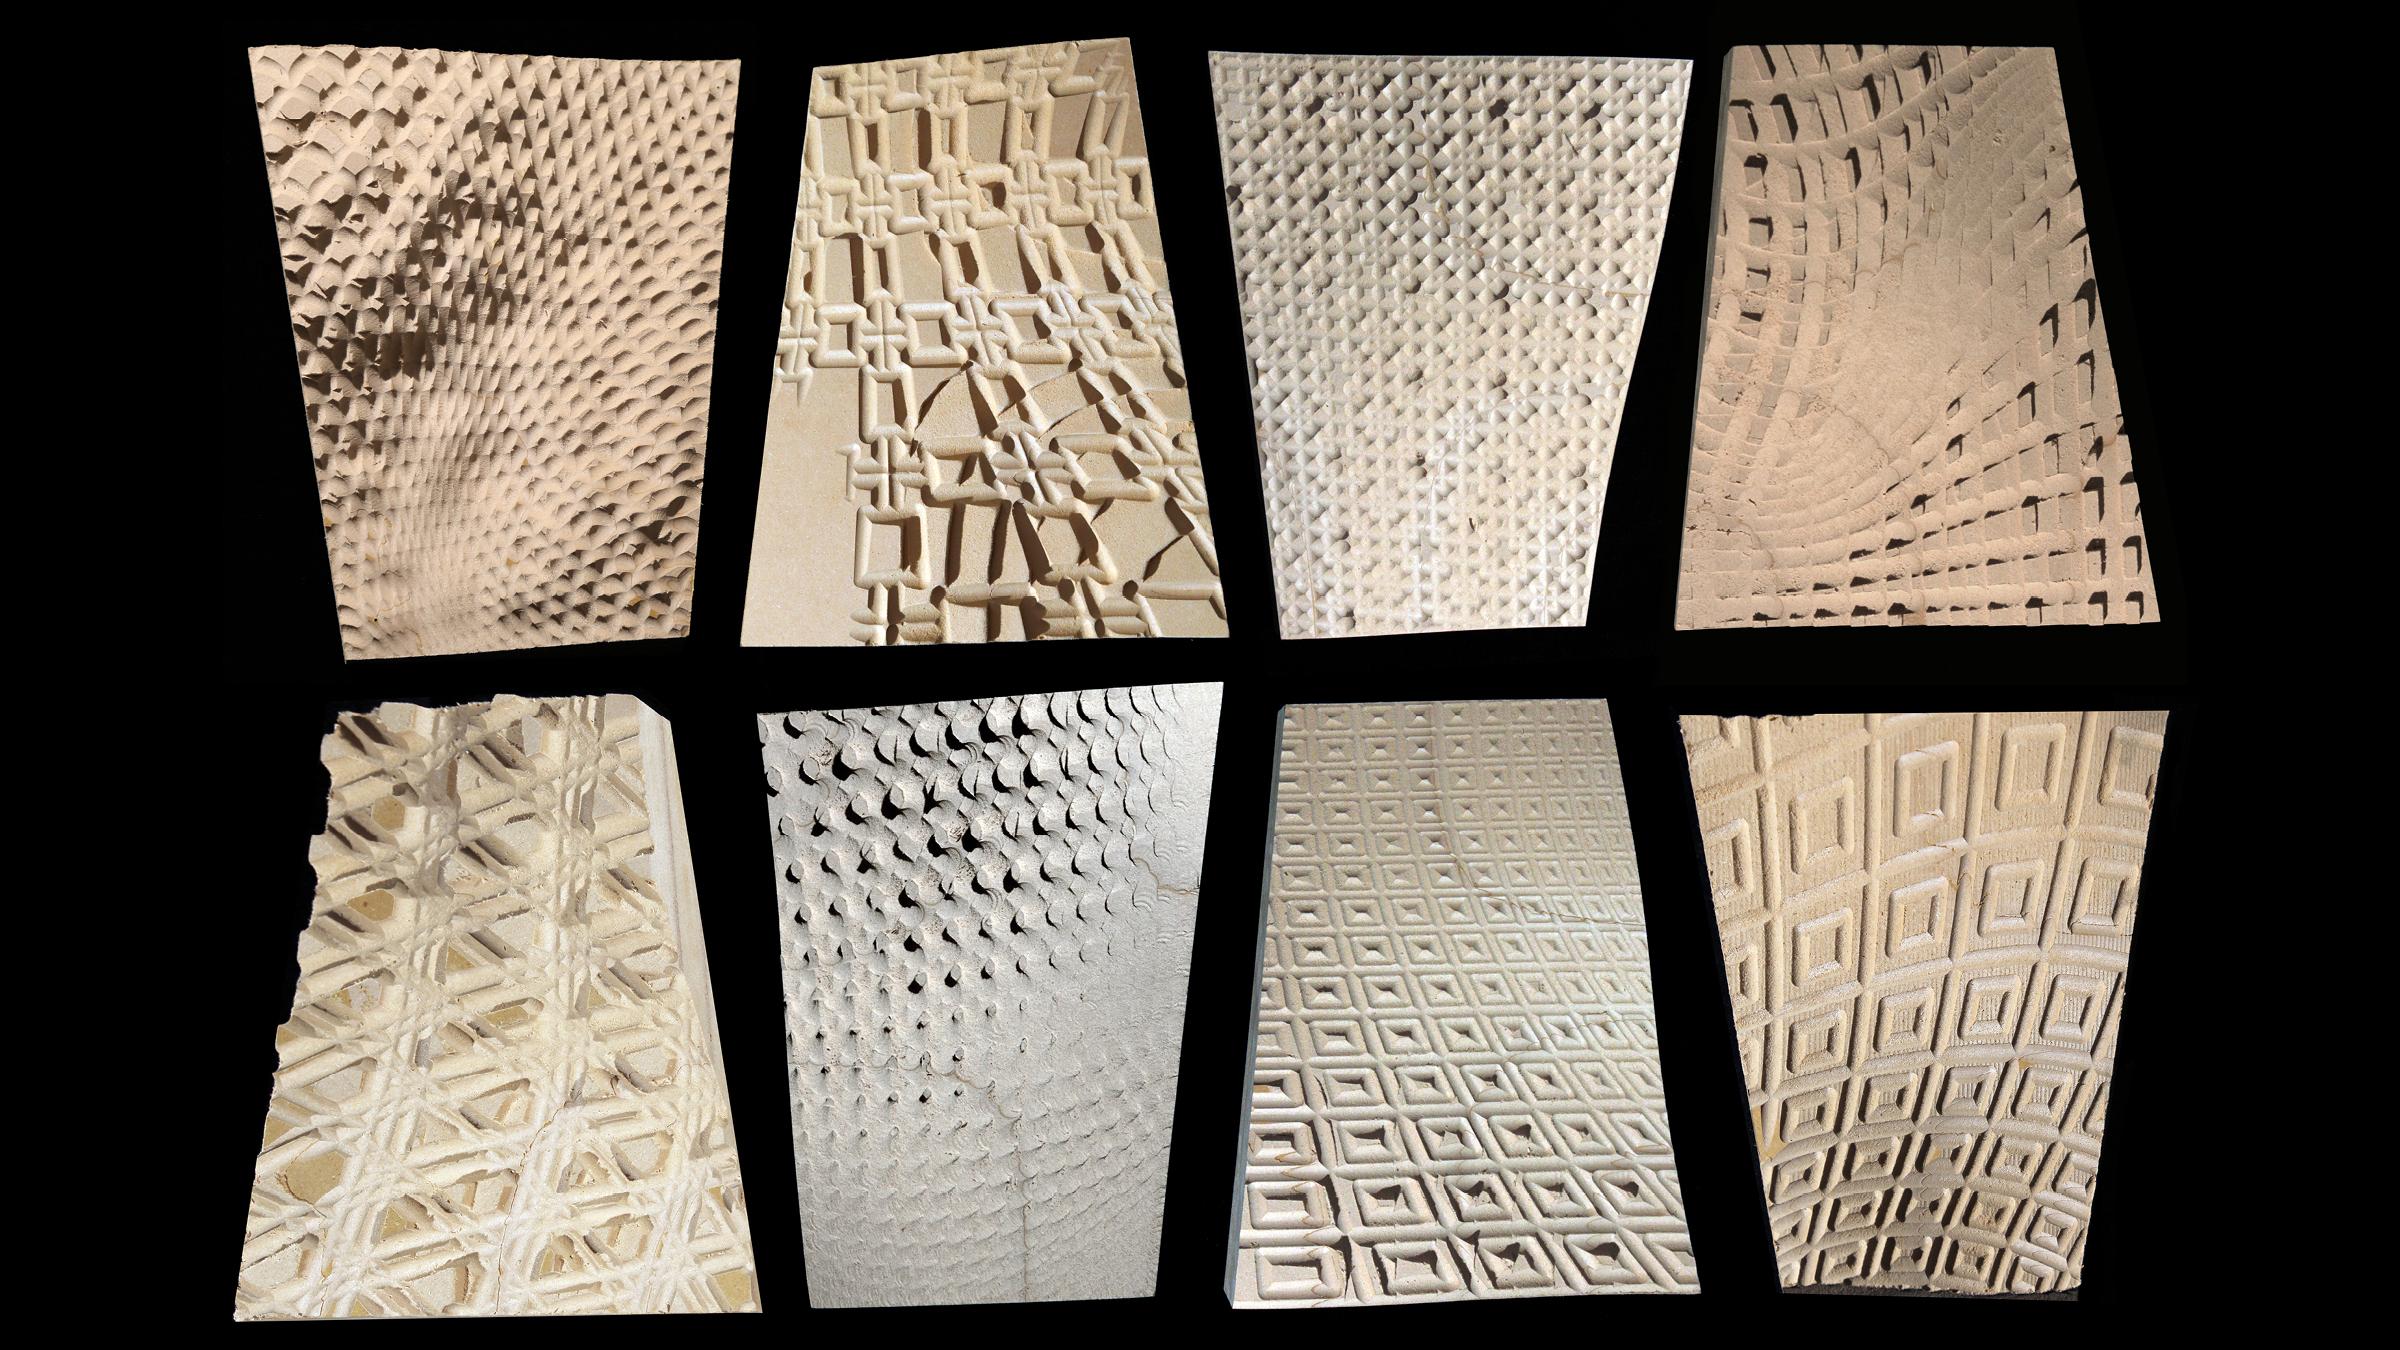 subtractive topogaphies images4.jpg